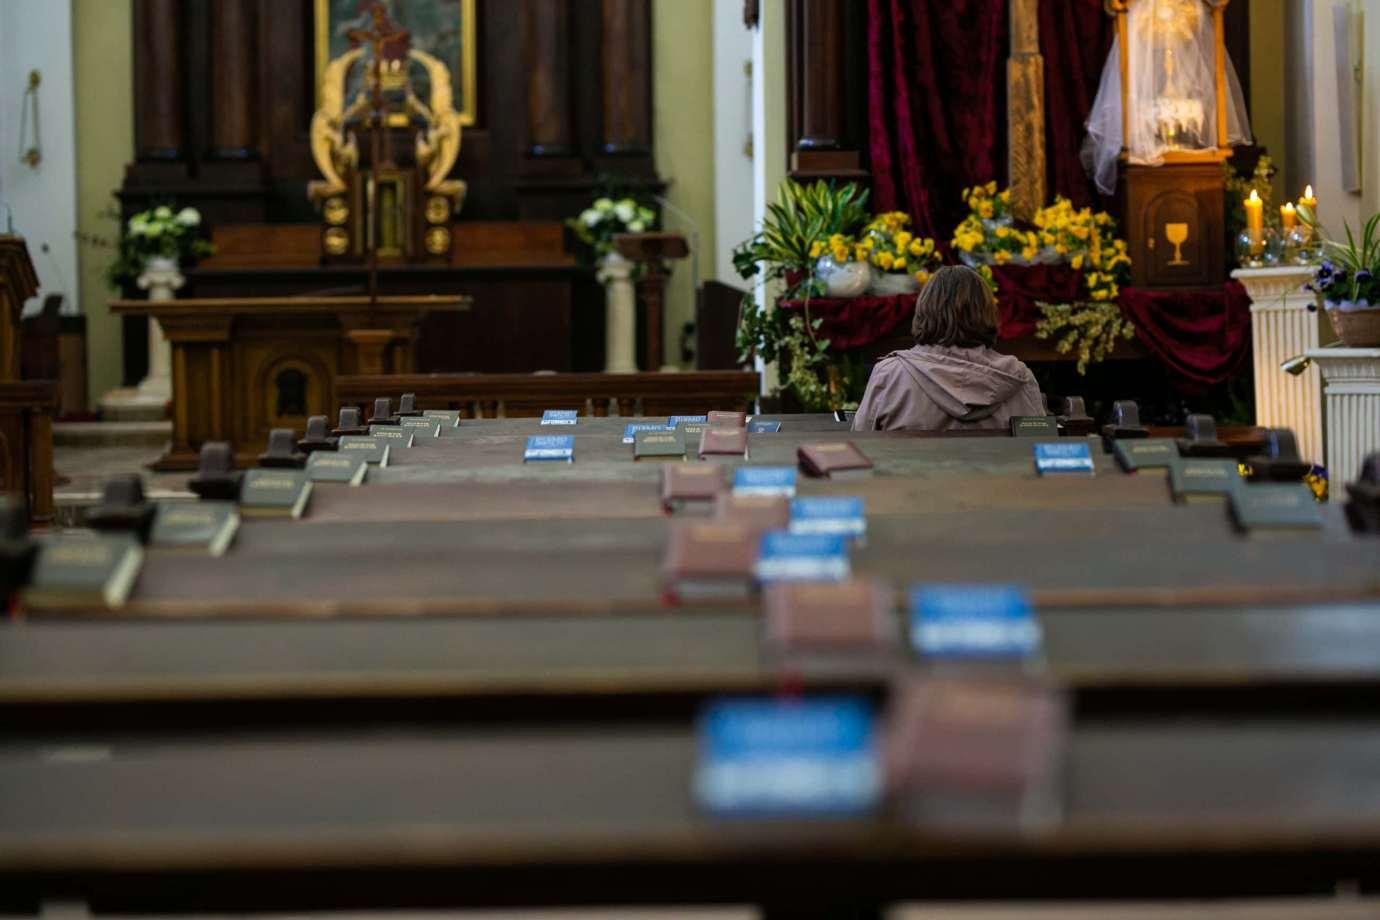 kosciol rektoralny pw sw katarzyny w zamosciu 2 Zdjęcia grobów pańskich w zamojskich świątyniach